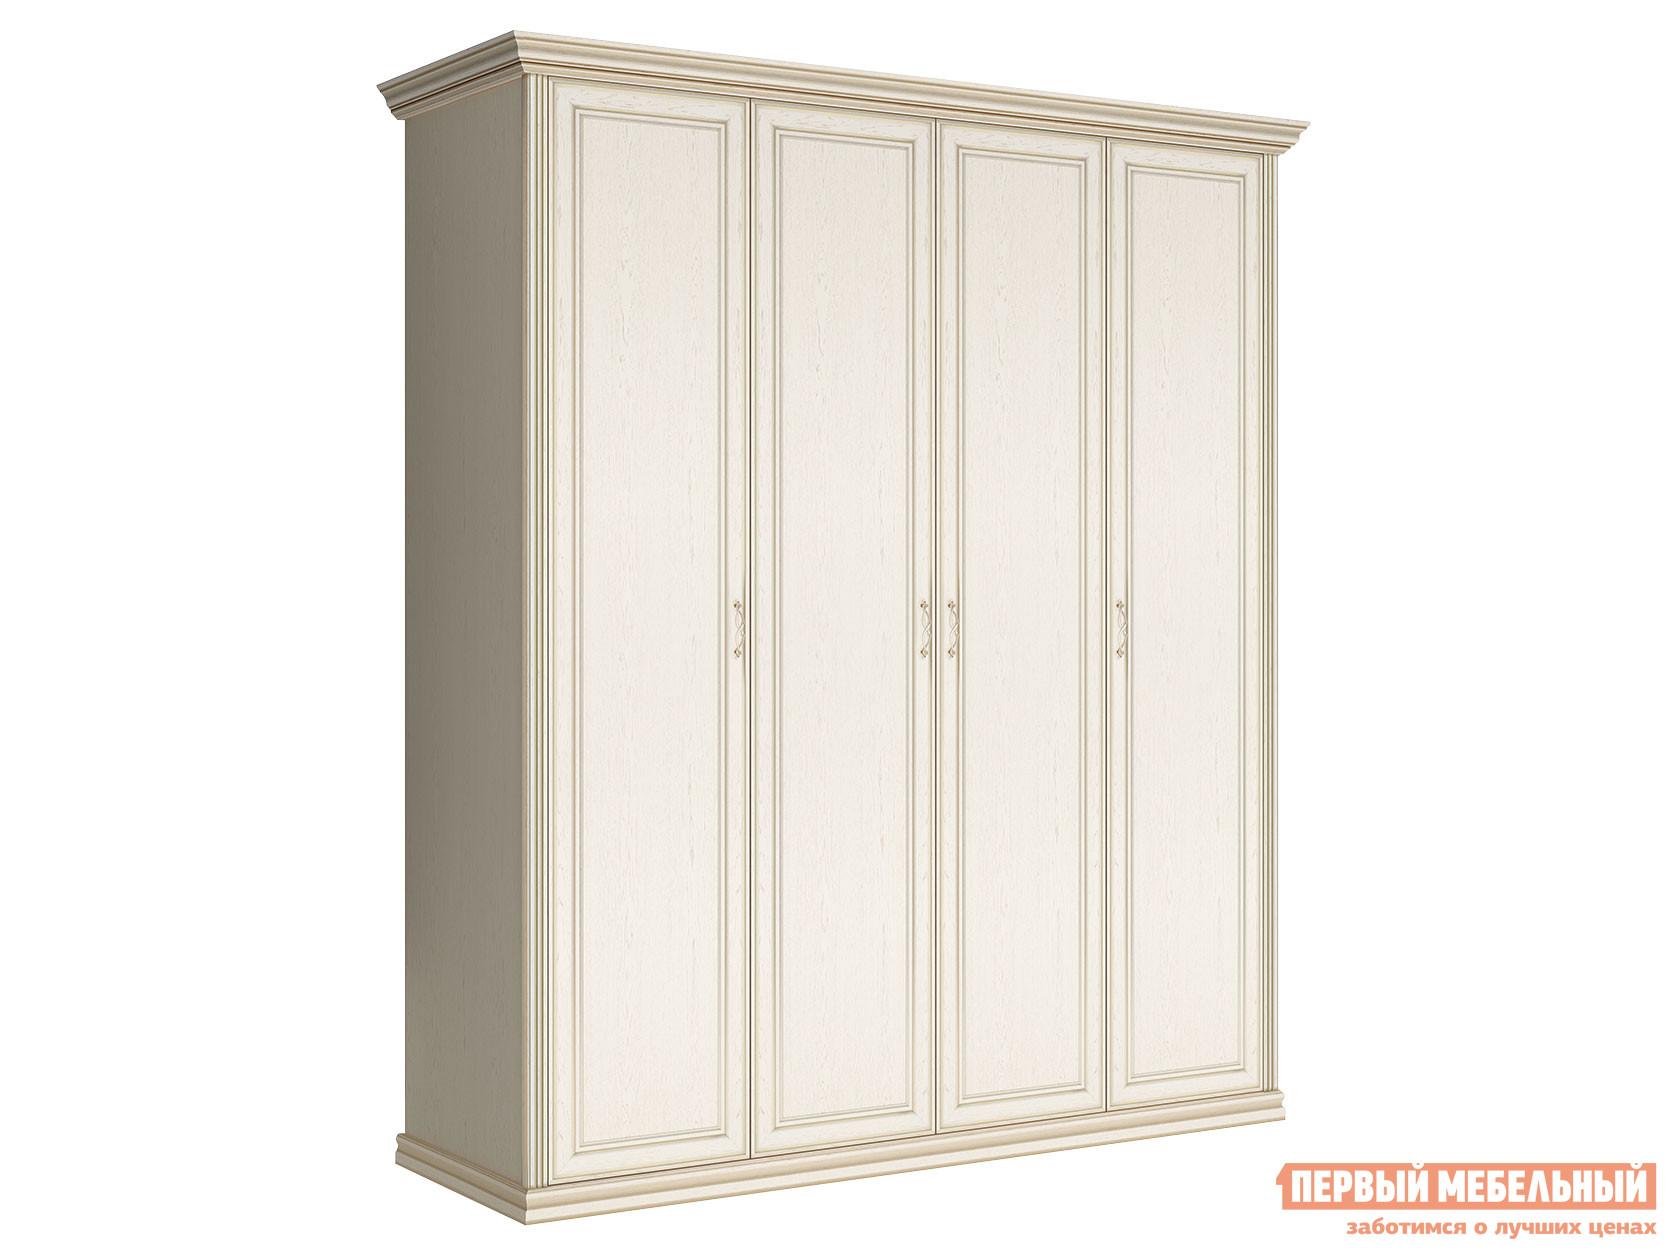 Распашной шкаф Первый Мебельный Шкаф 4-х дверный глухой Венето недорого